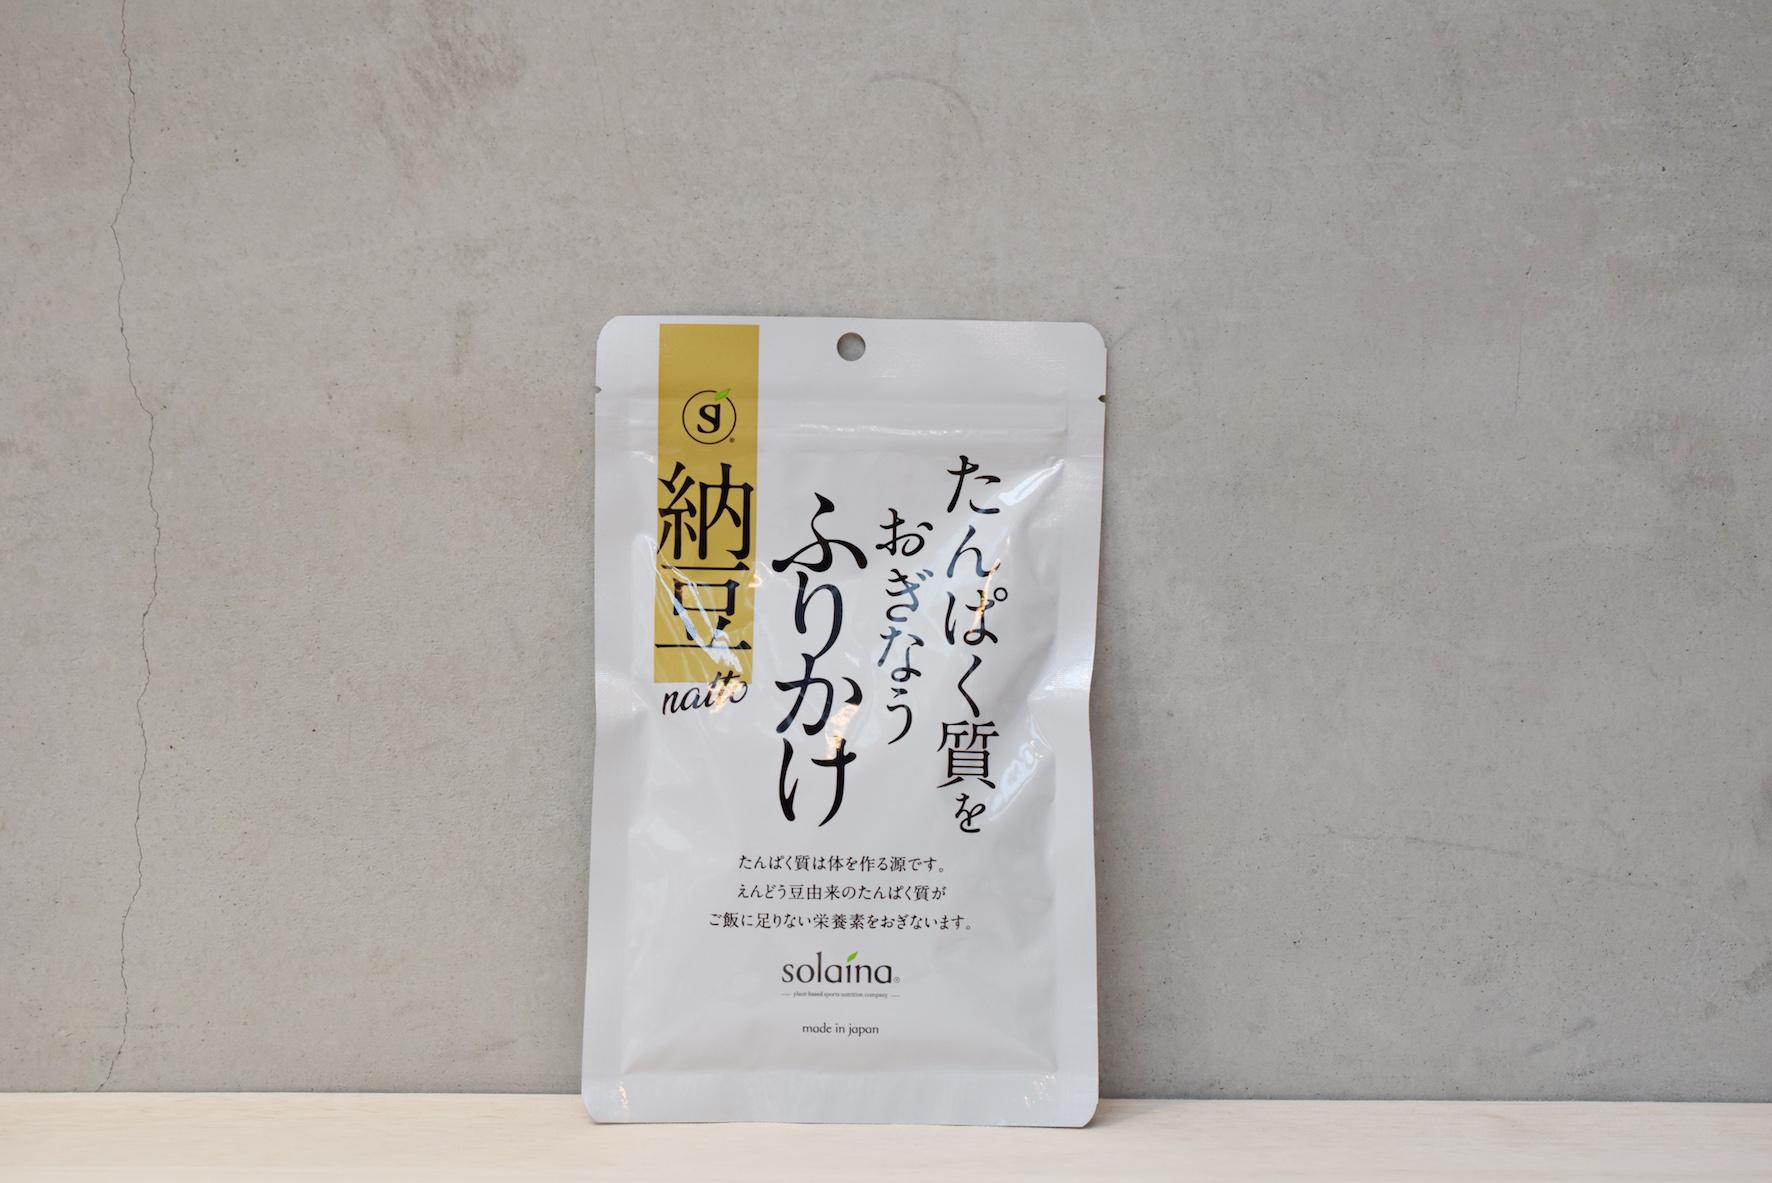 たんぱく質をおぎなうふりかけ「納豆風味」